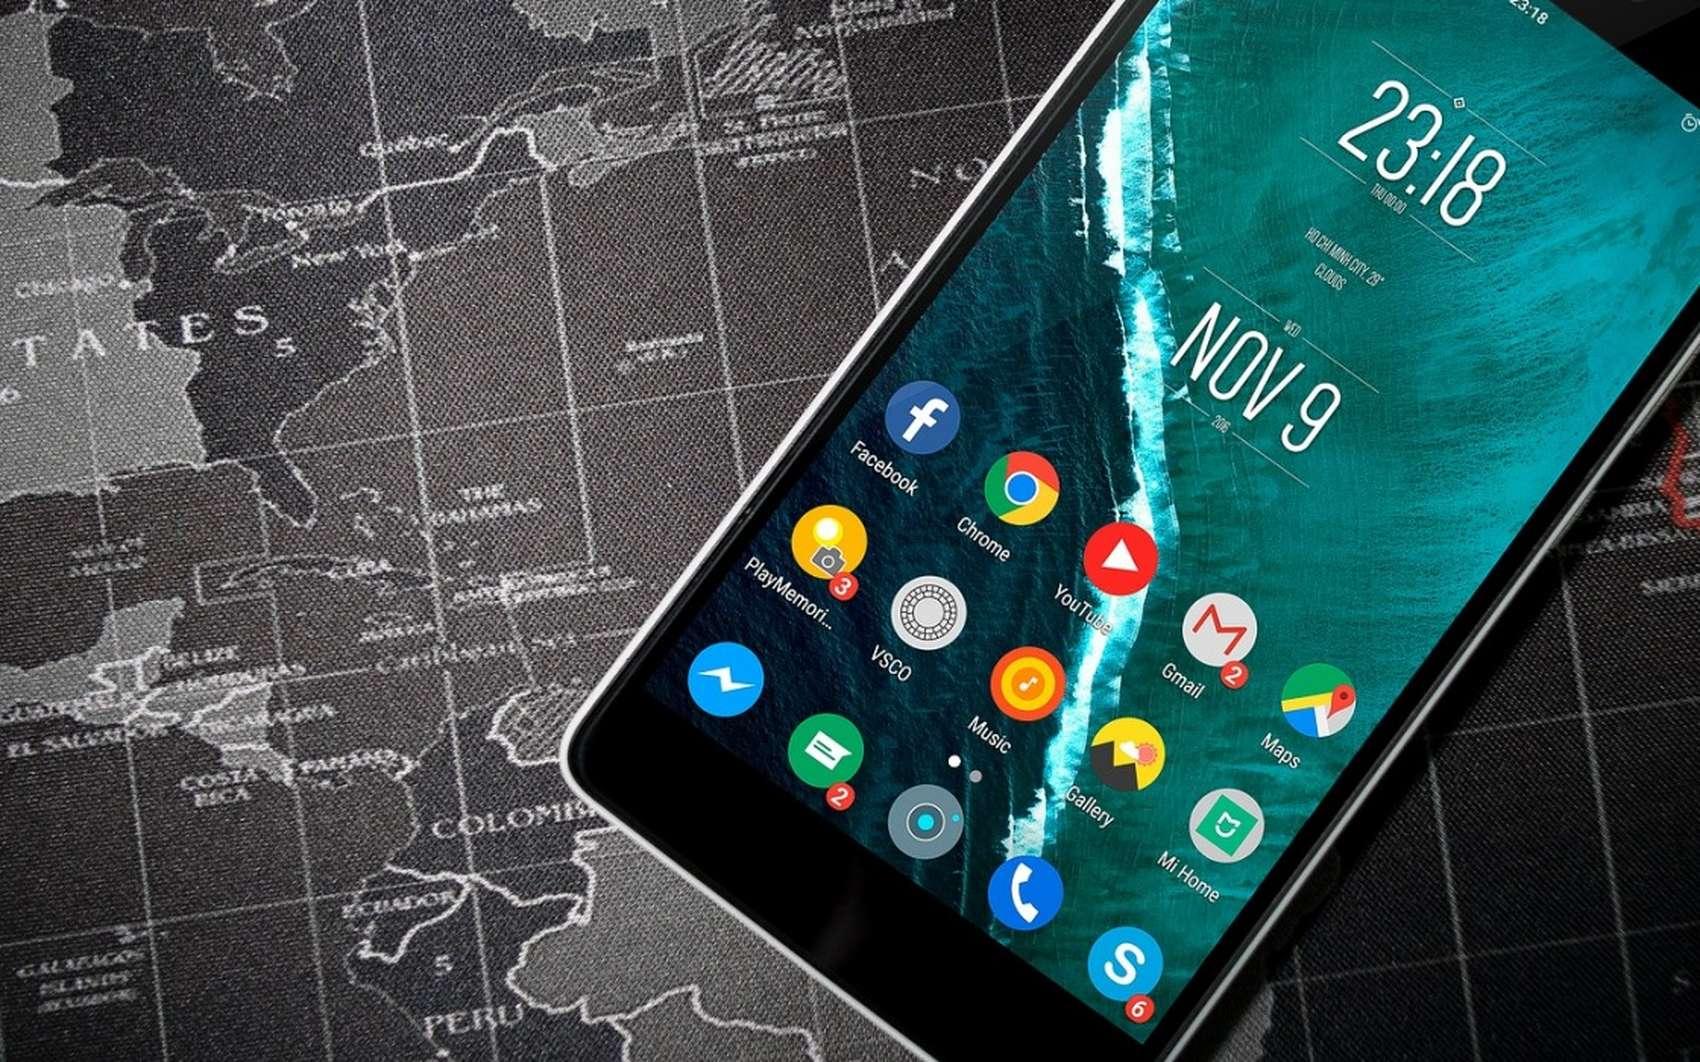 Changer de launcher est un moyen rapide de modifier l'apparence de votre interface Android. © Pixabay.com